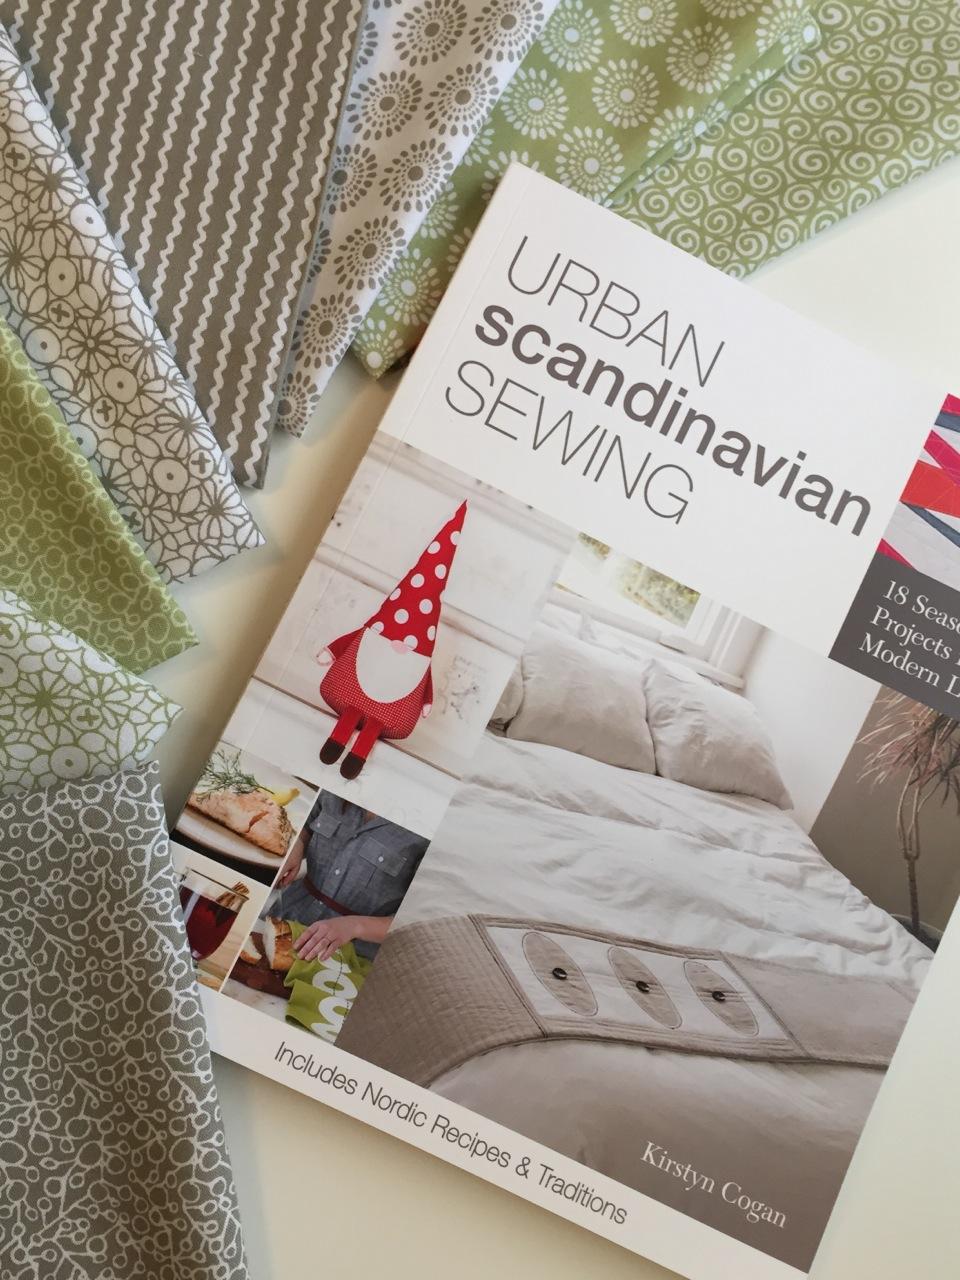 Modern Handcraft // Urban Scandinavian Sewing Bloggers Tour